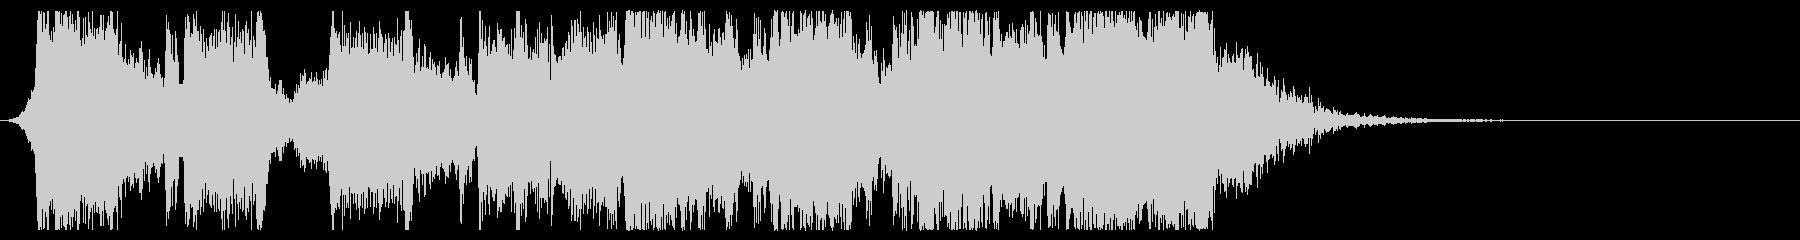 インパクトエピックロックサウンドロゴの未再生の波形